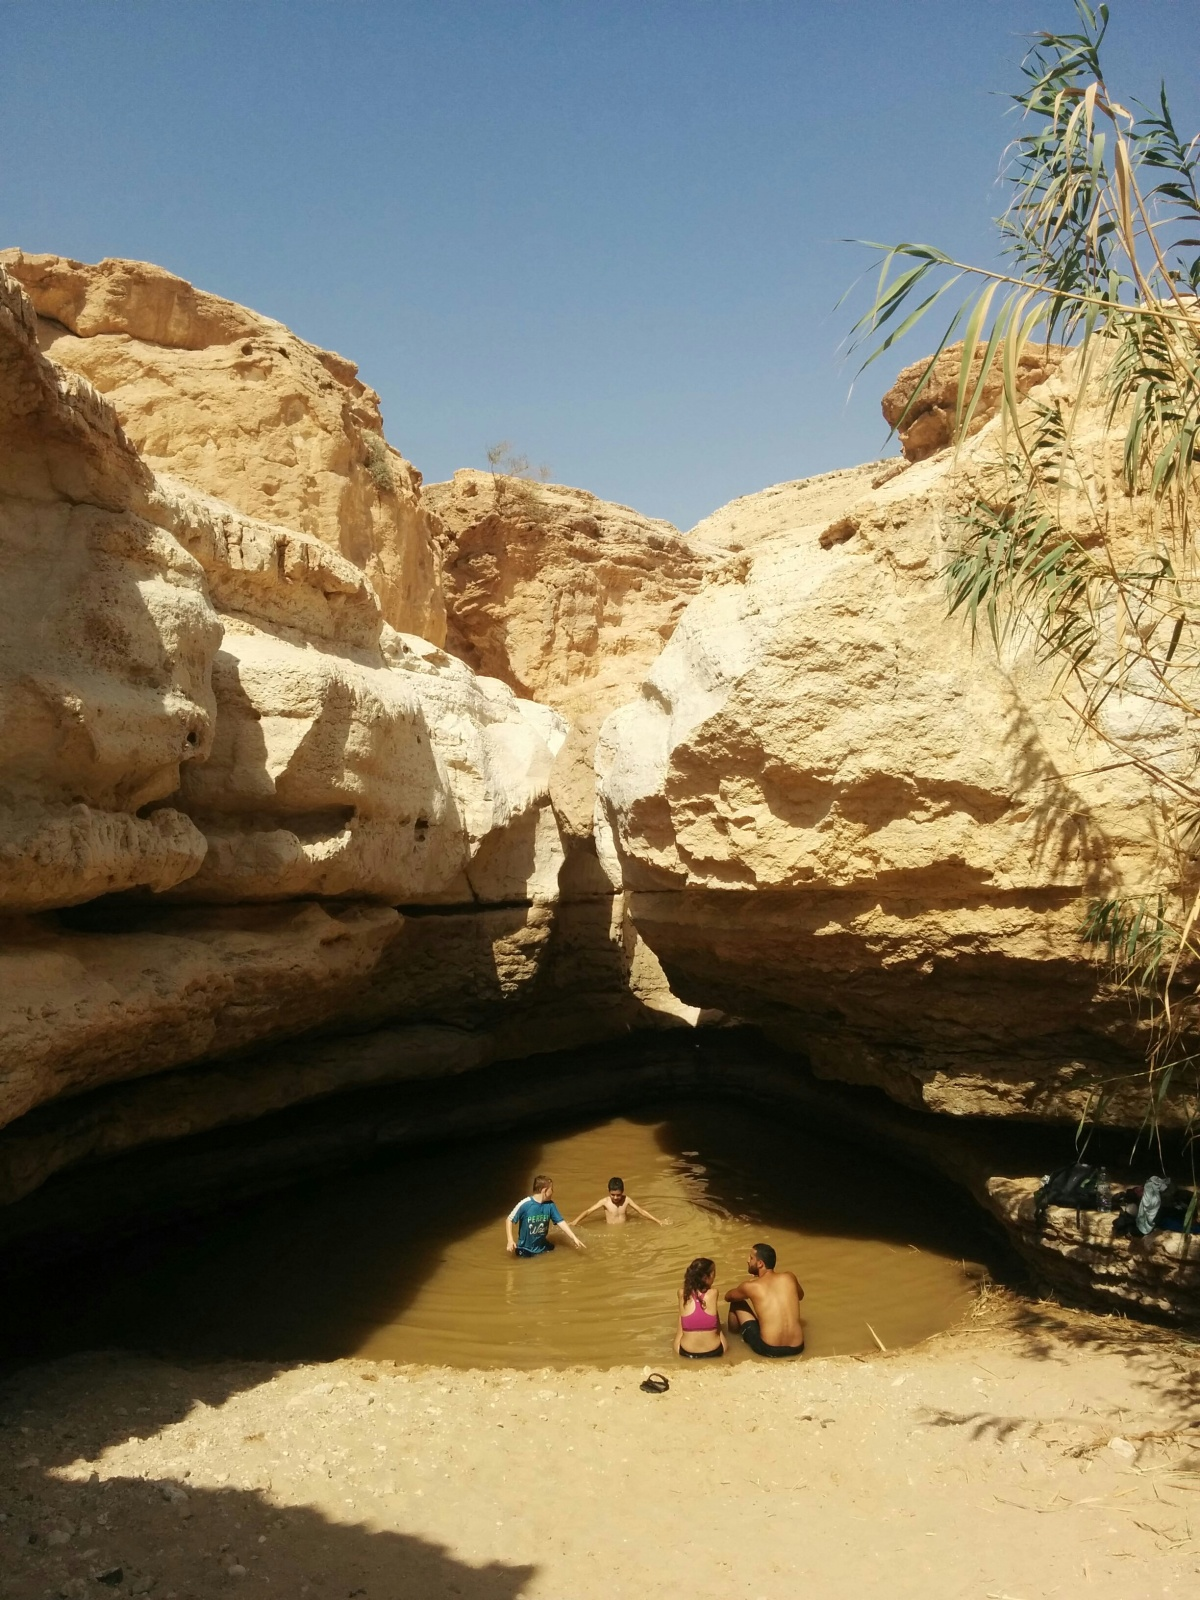 El Oasis en medio del desierto...